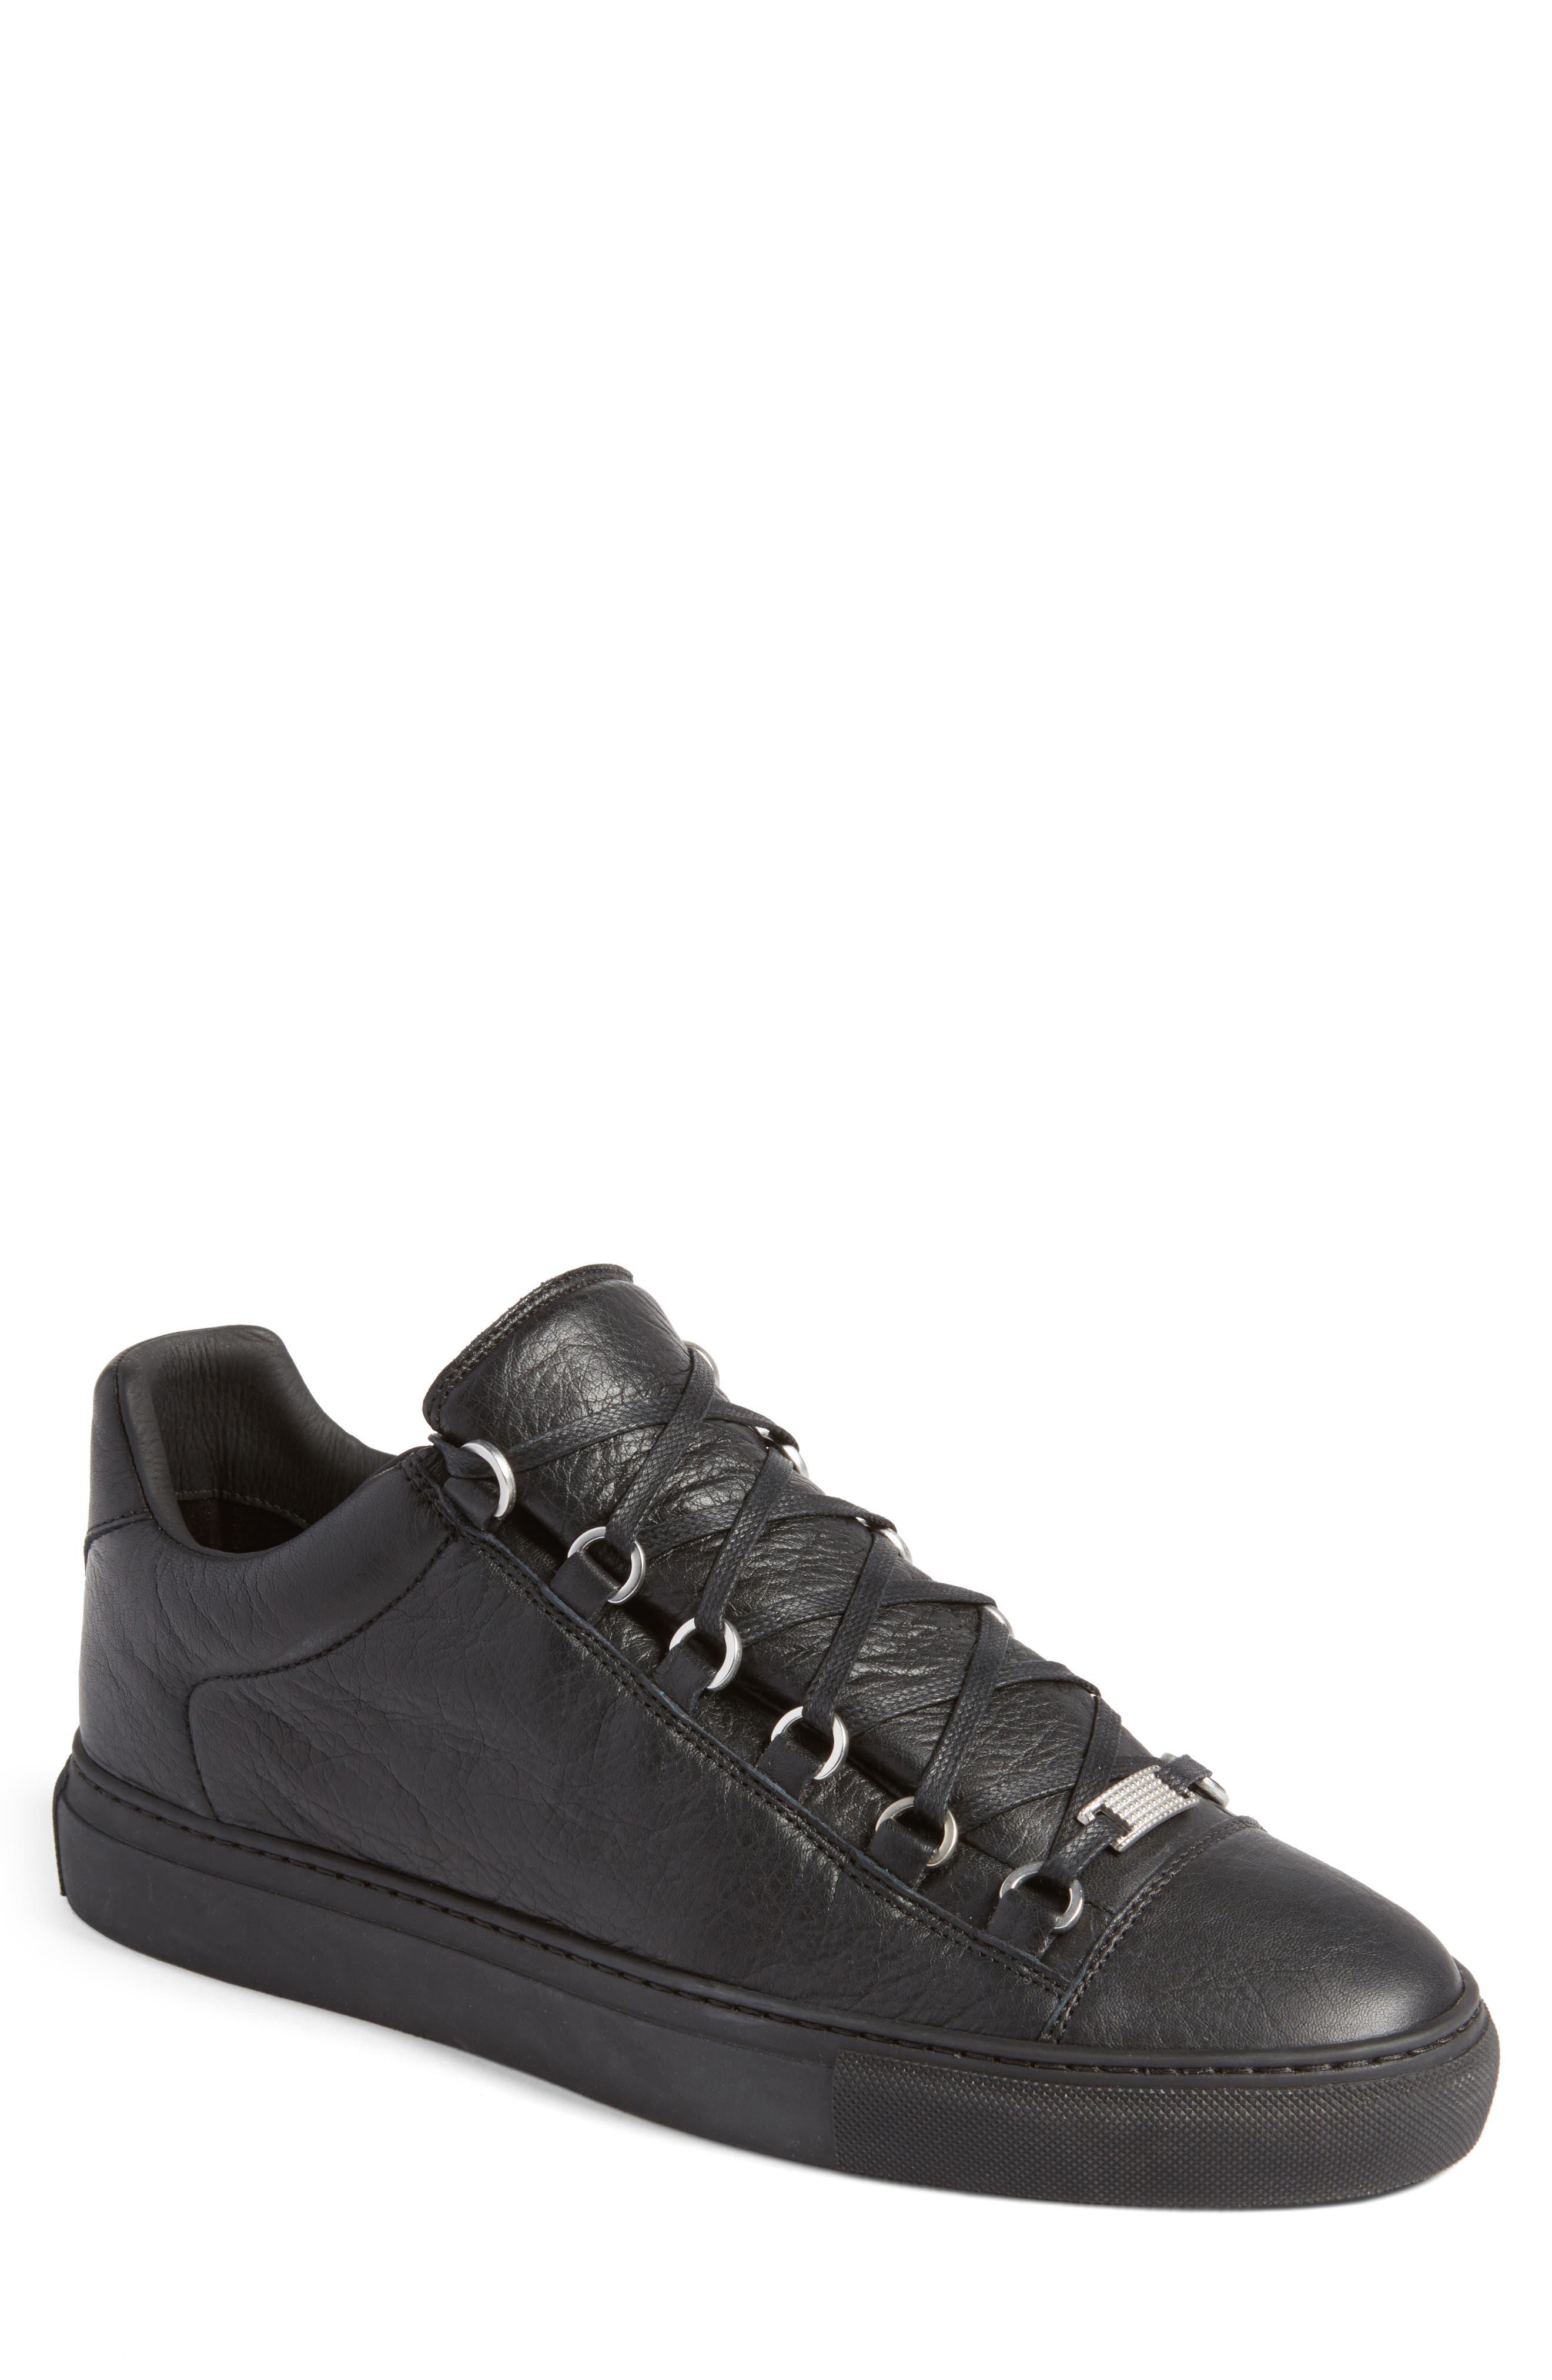 Alternate Image 1 Selected - Balenciaga Arena Low Sneaker (Men)